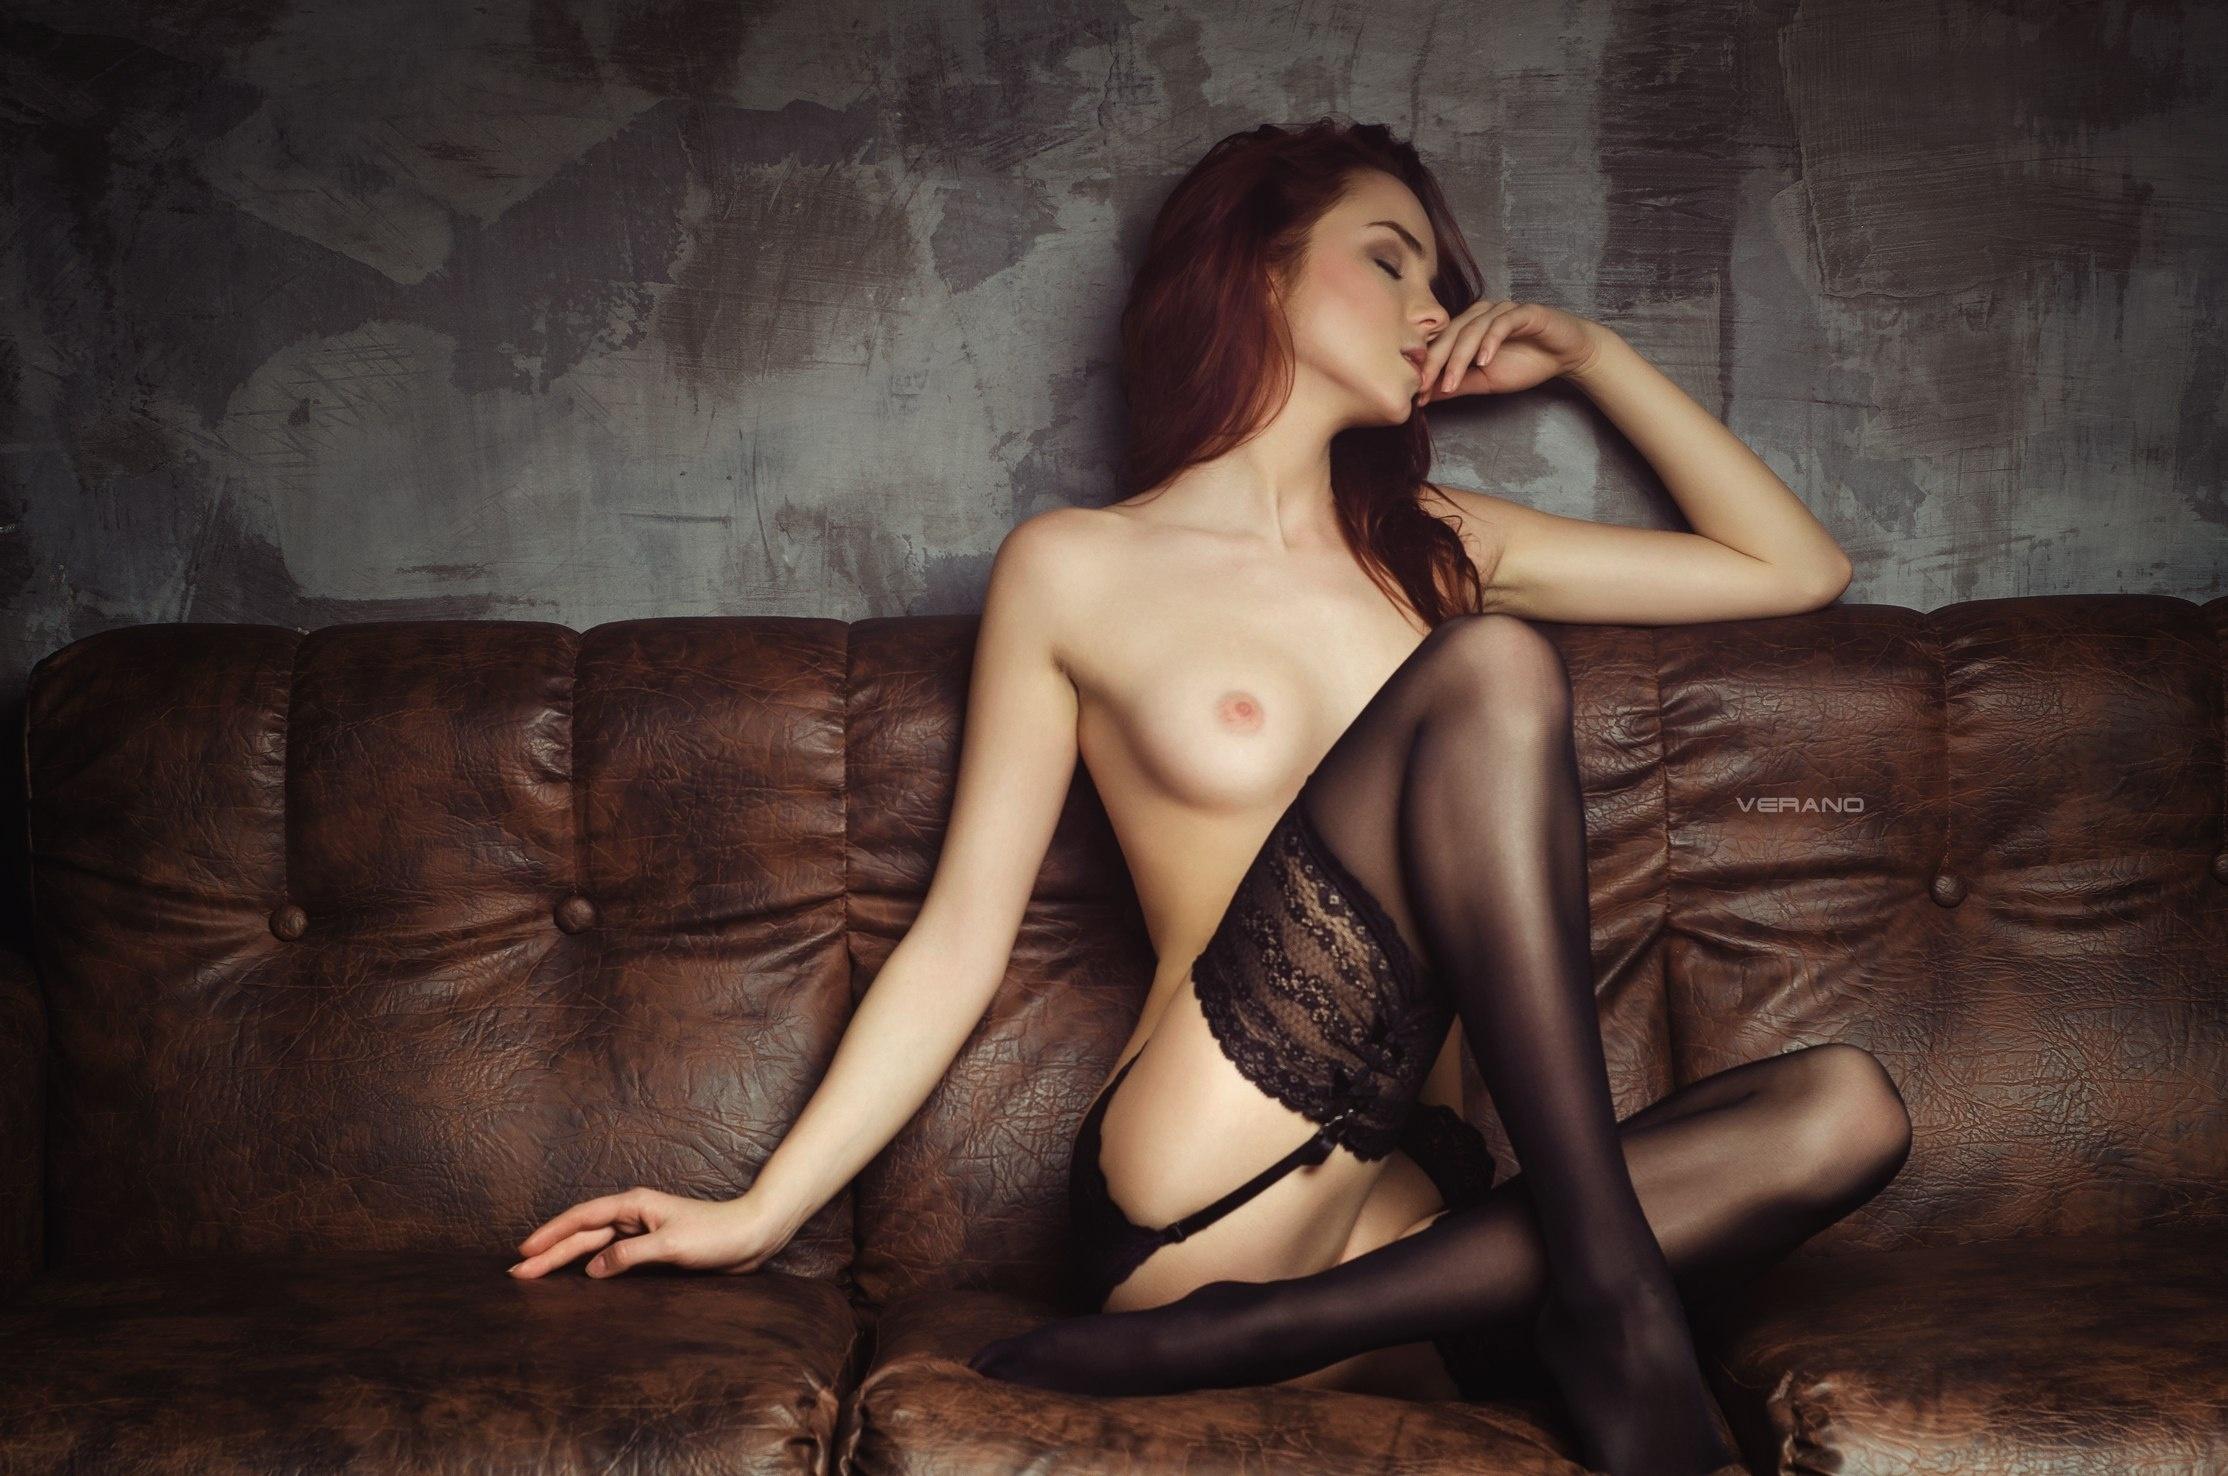 Erotic photo stock